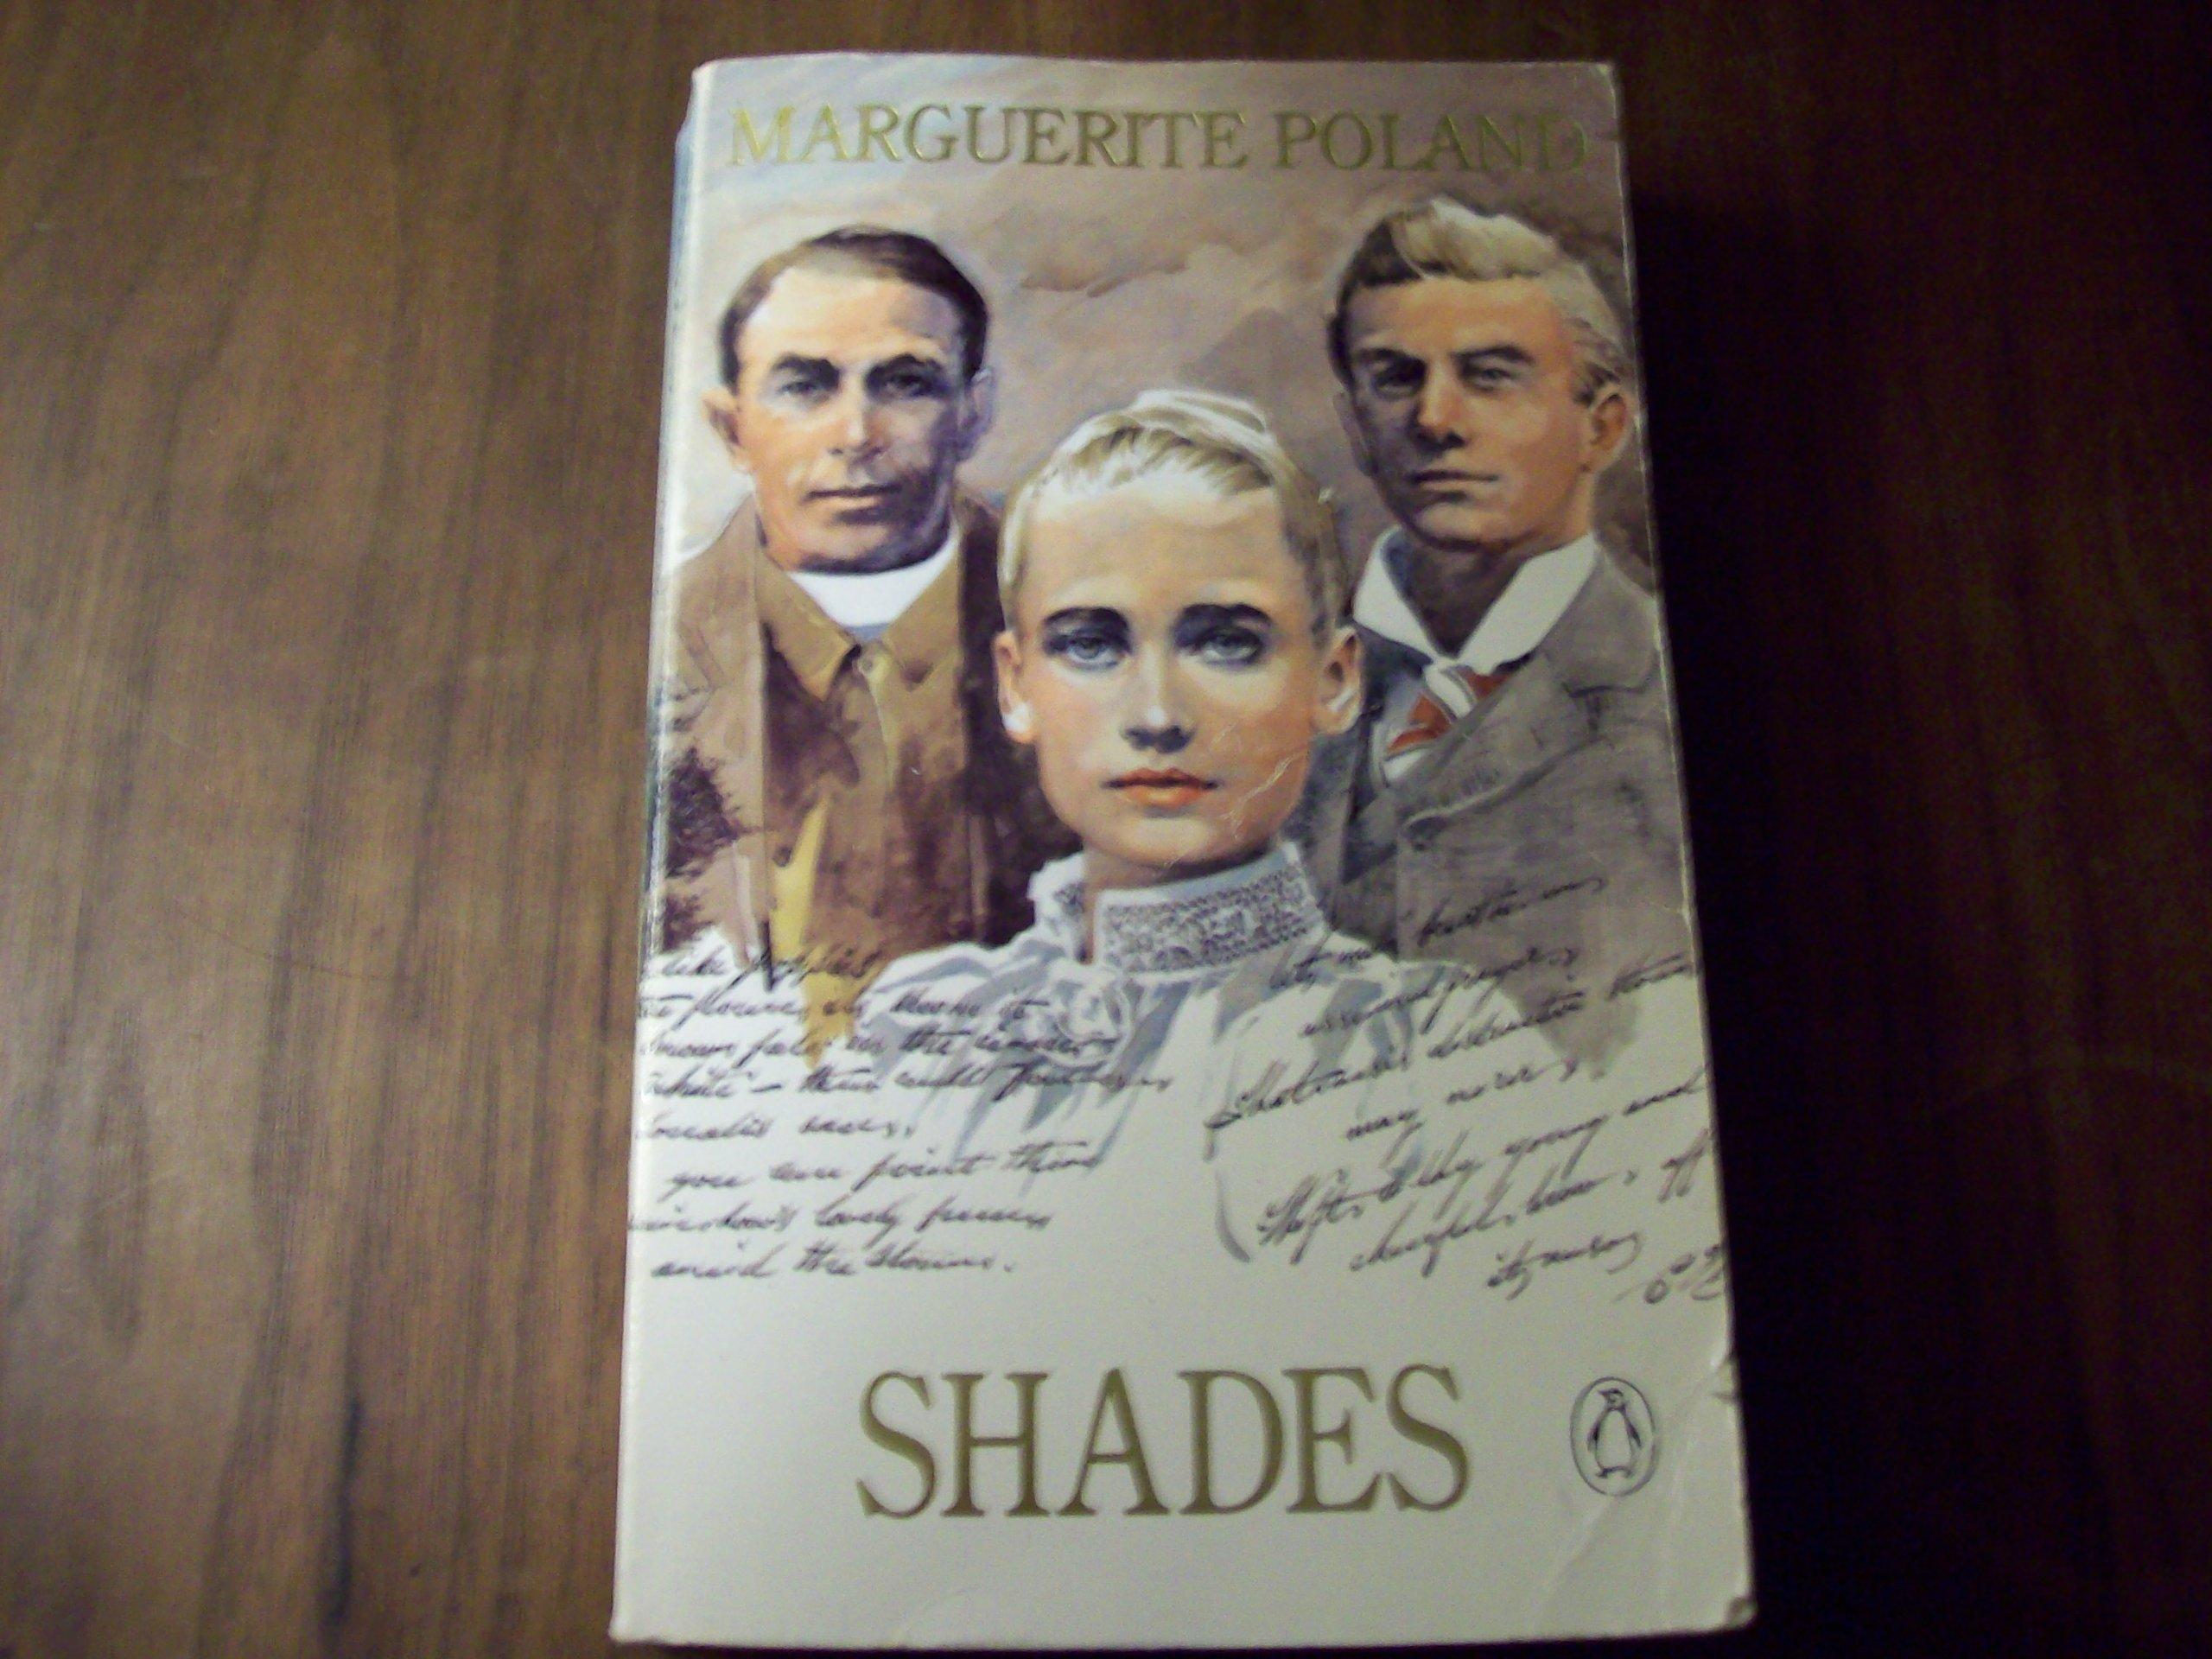 shades amazon co uk marguerite poland 9780002322737 books rh amazon co uk